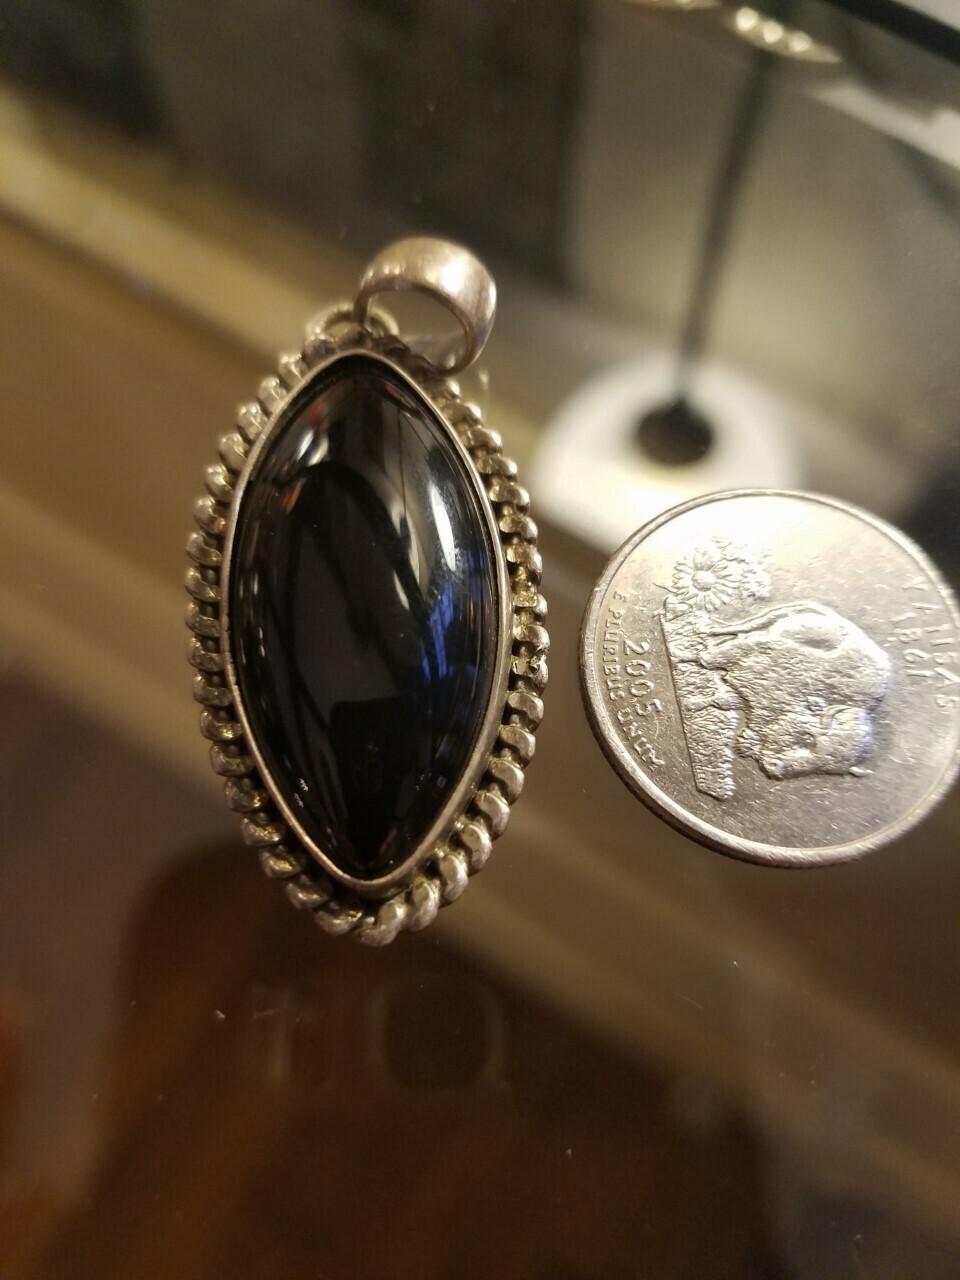 Black Onyx Pendant -India(ON SALE) Regular $92.95